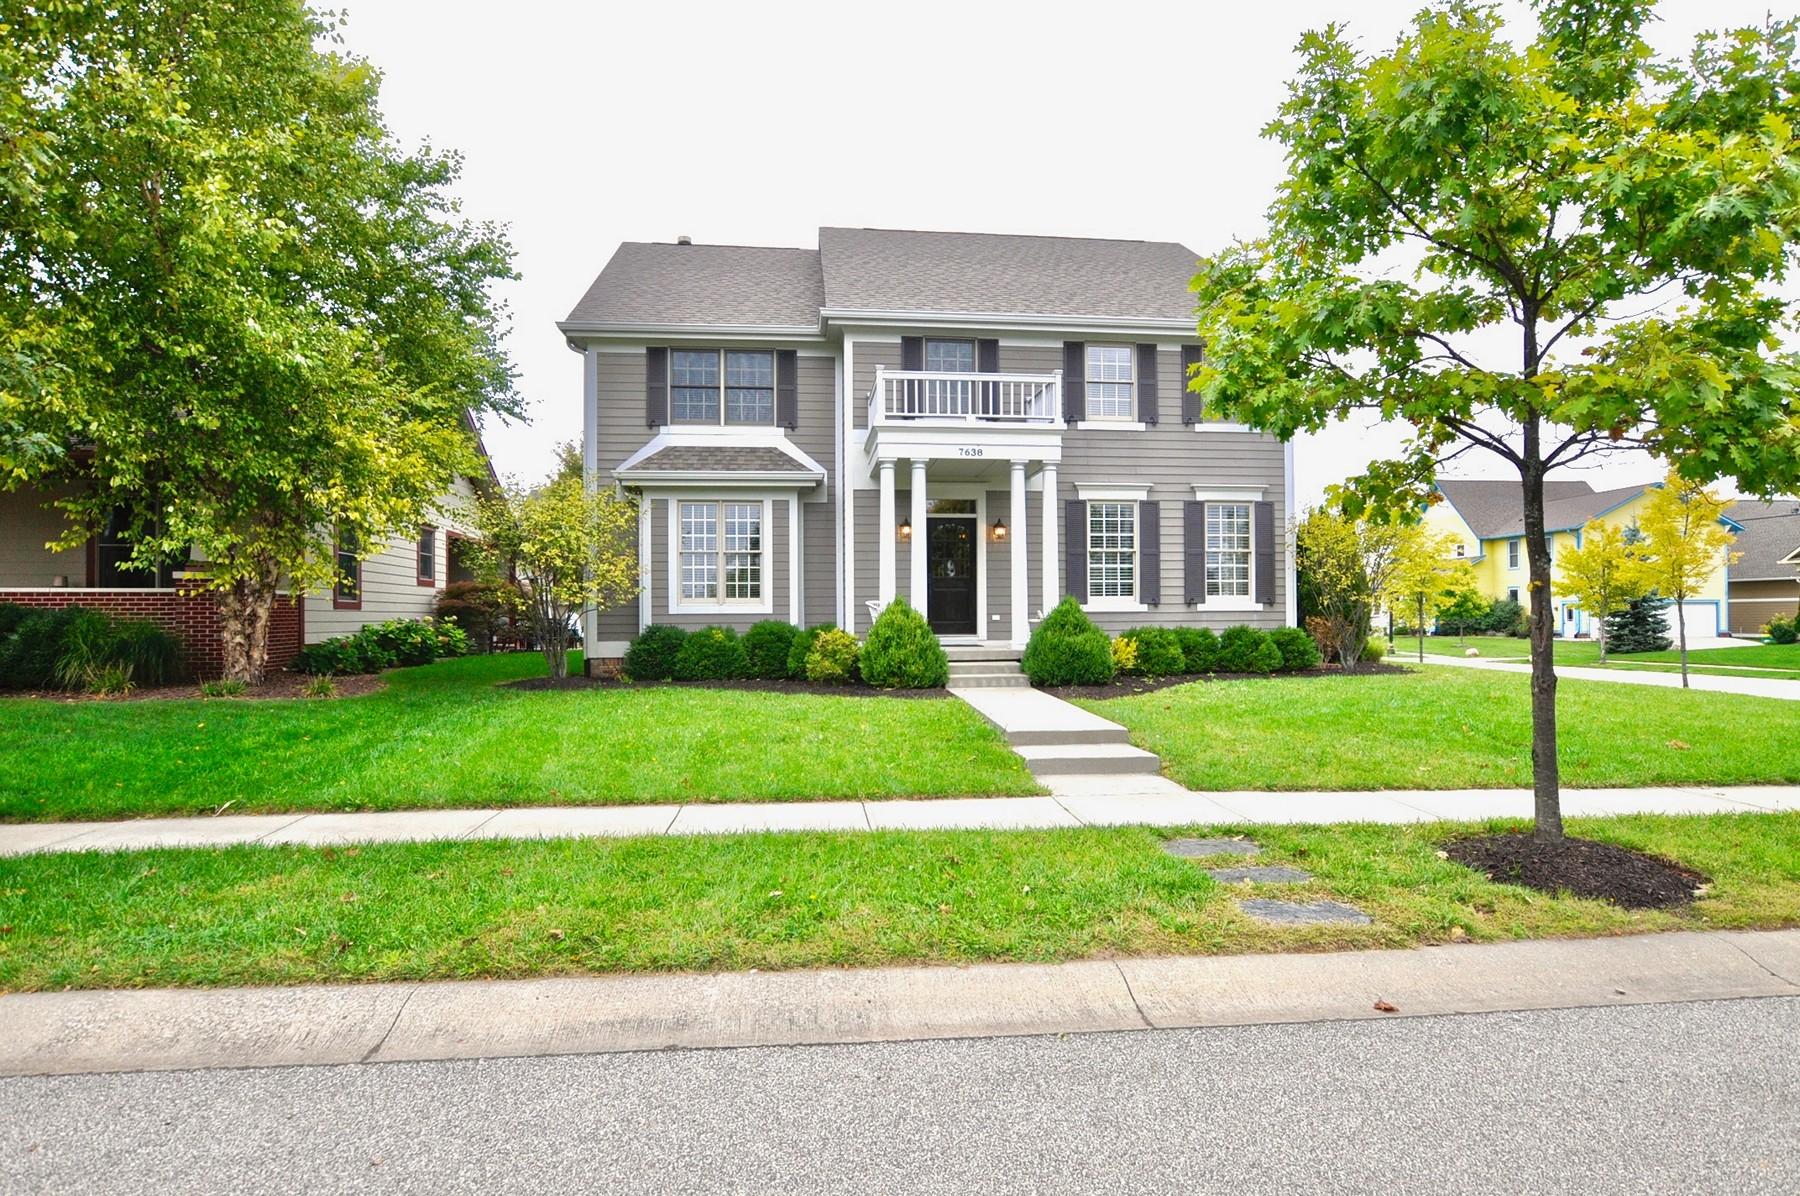 Tek Ailelik Ev için Satış at Beautiful Renovation 7638 The Commons Zionsville, Indiana, 46077 Amerika Birleşik Devletleri